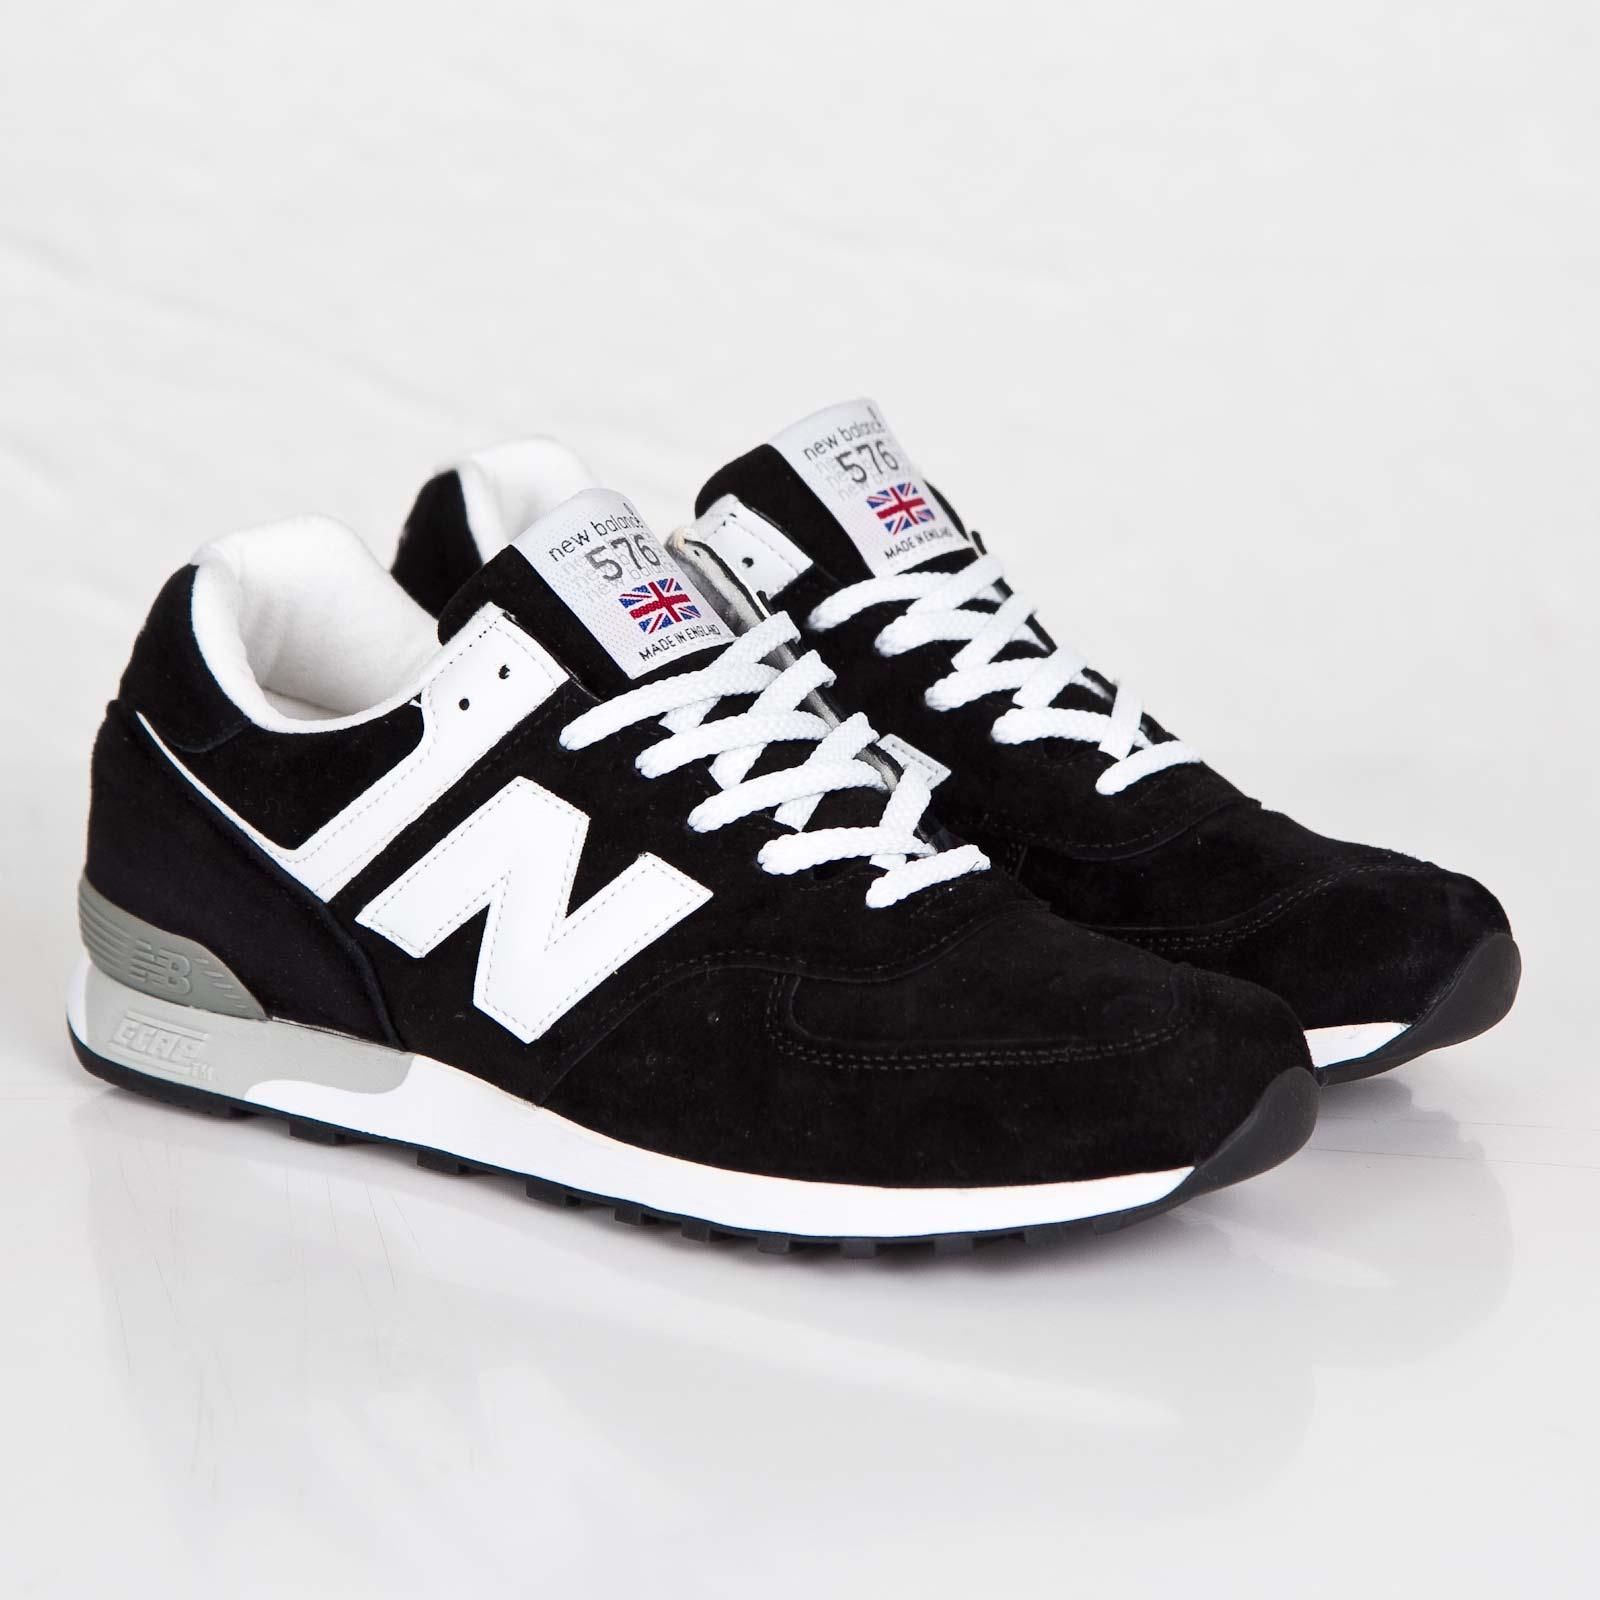 New Balance 576 - 82995 - Sneakersnstuff | sneakers ...